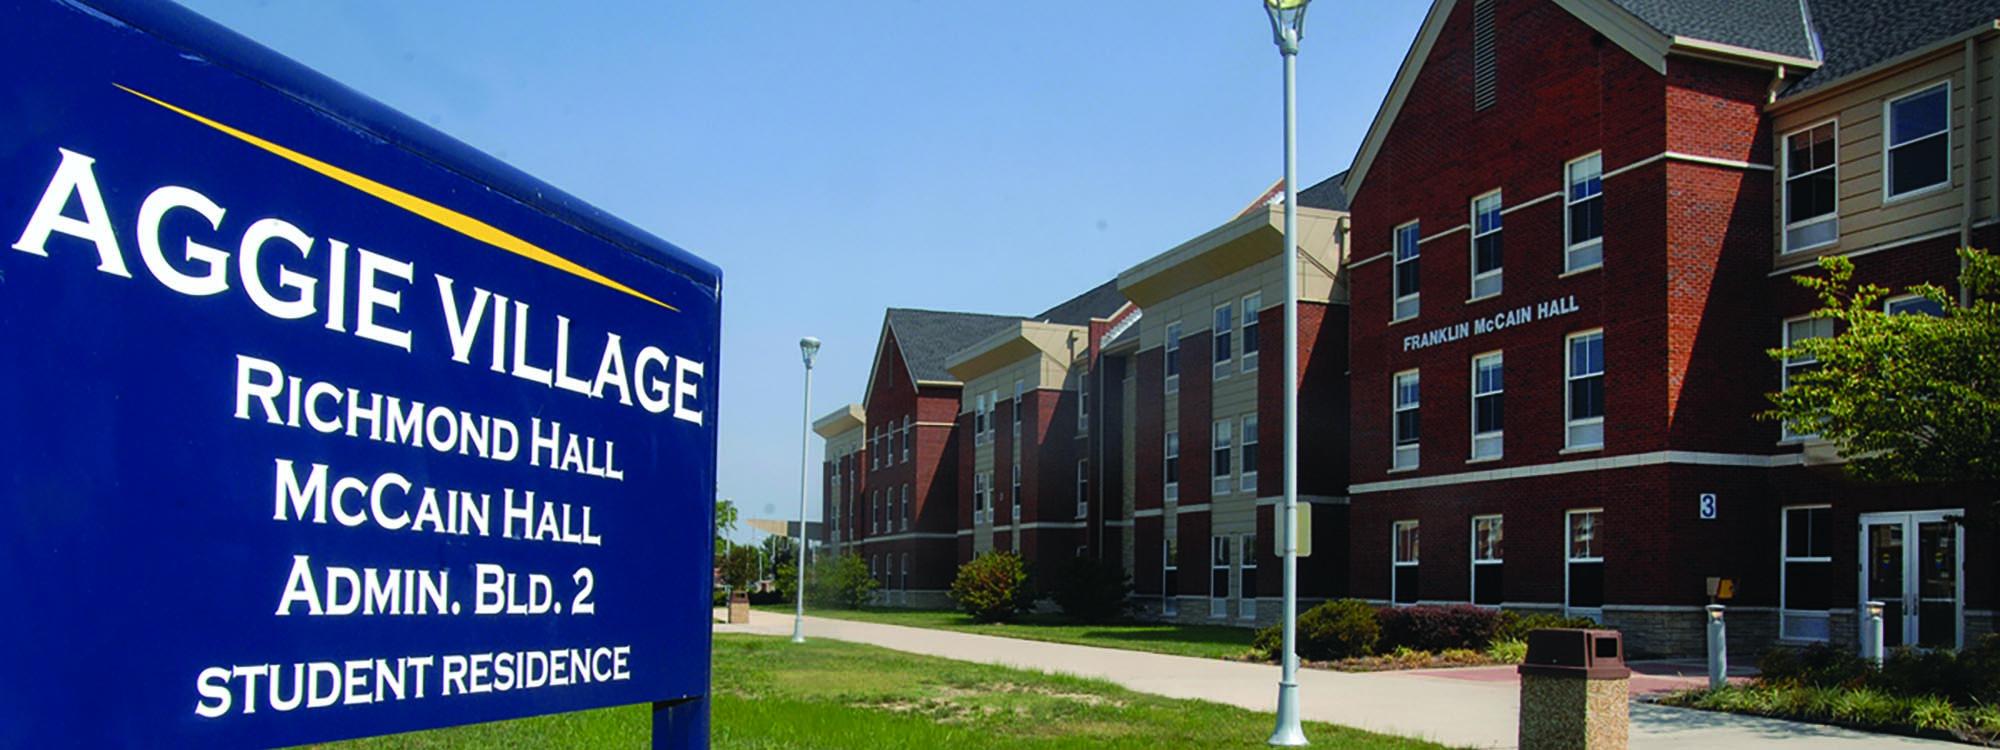 Aggie Village